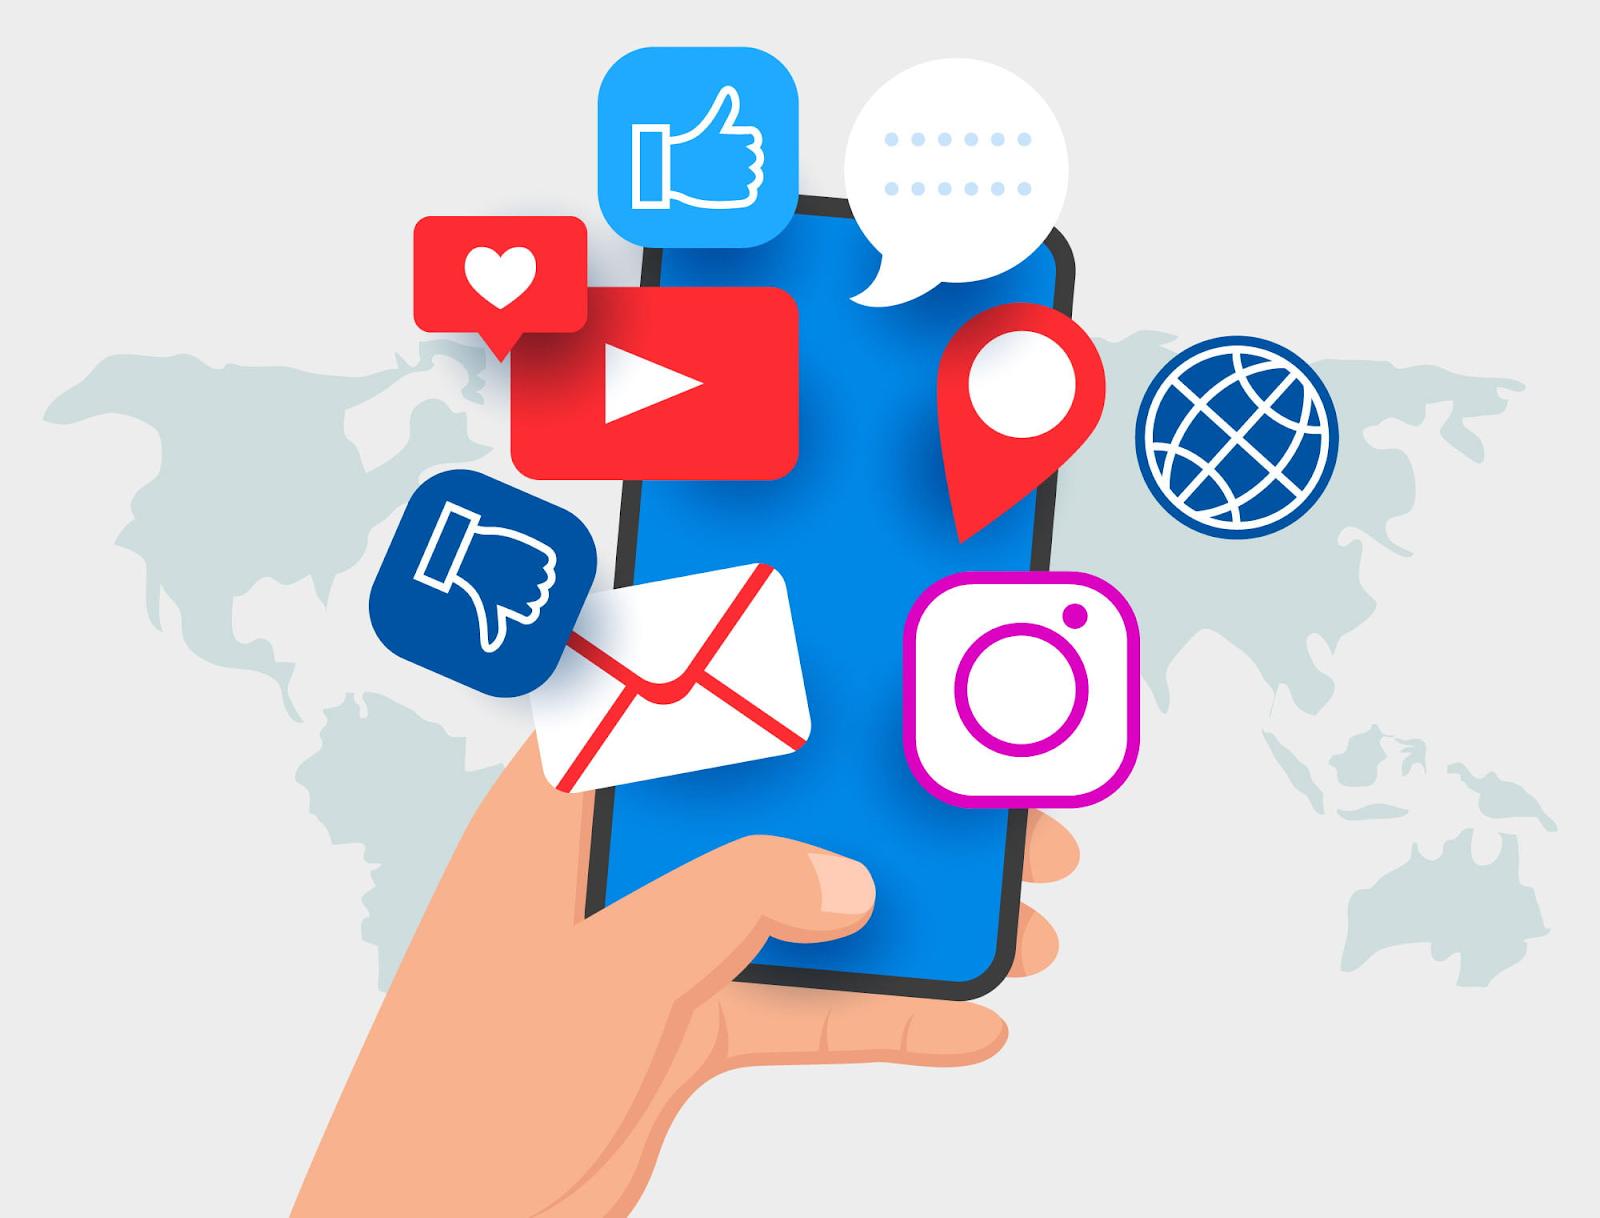 Social Media marketing gồm có các chương trình tiếp thị thường tập trung vào những nỗ lực để sản sinh ra nội dung thu hút sự chú ý và khuyến khích độc giả chia sẻ nó trên mình các mạng xã hội